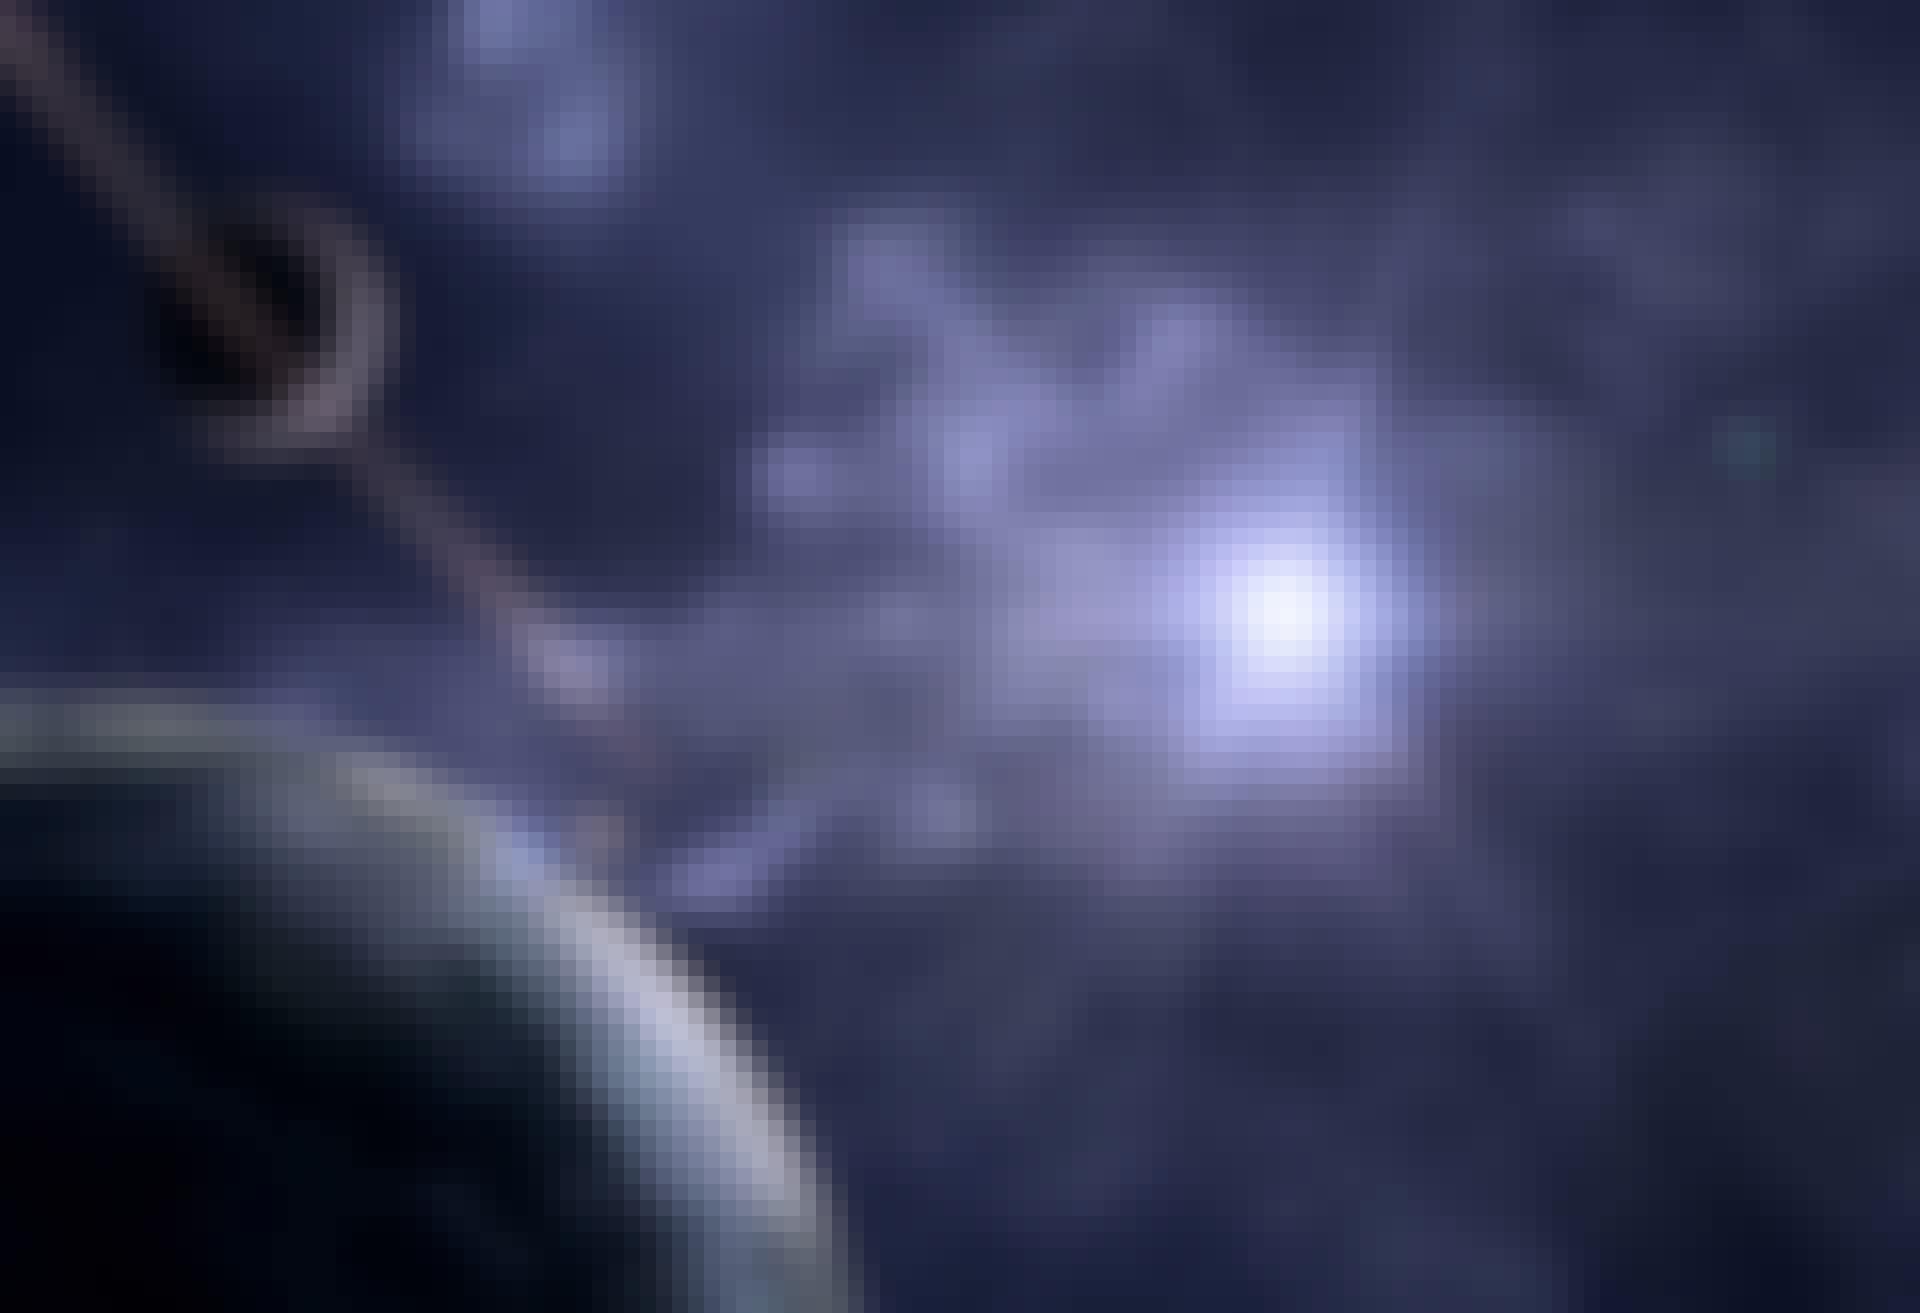 Måne atmosfære